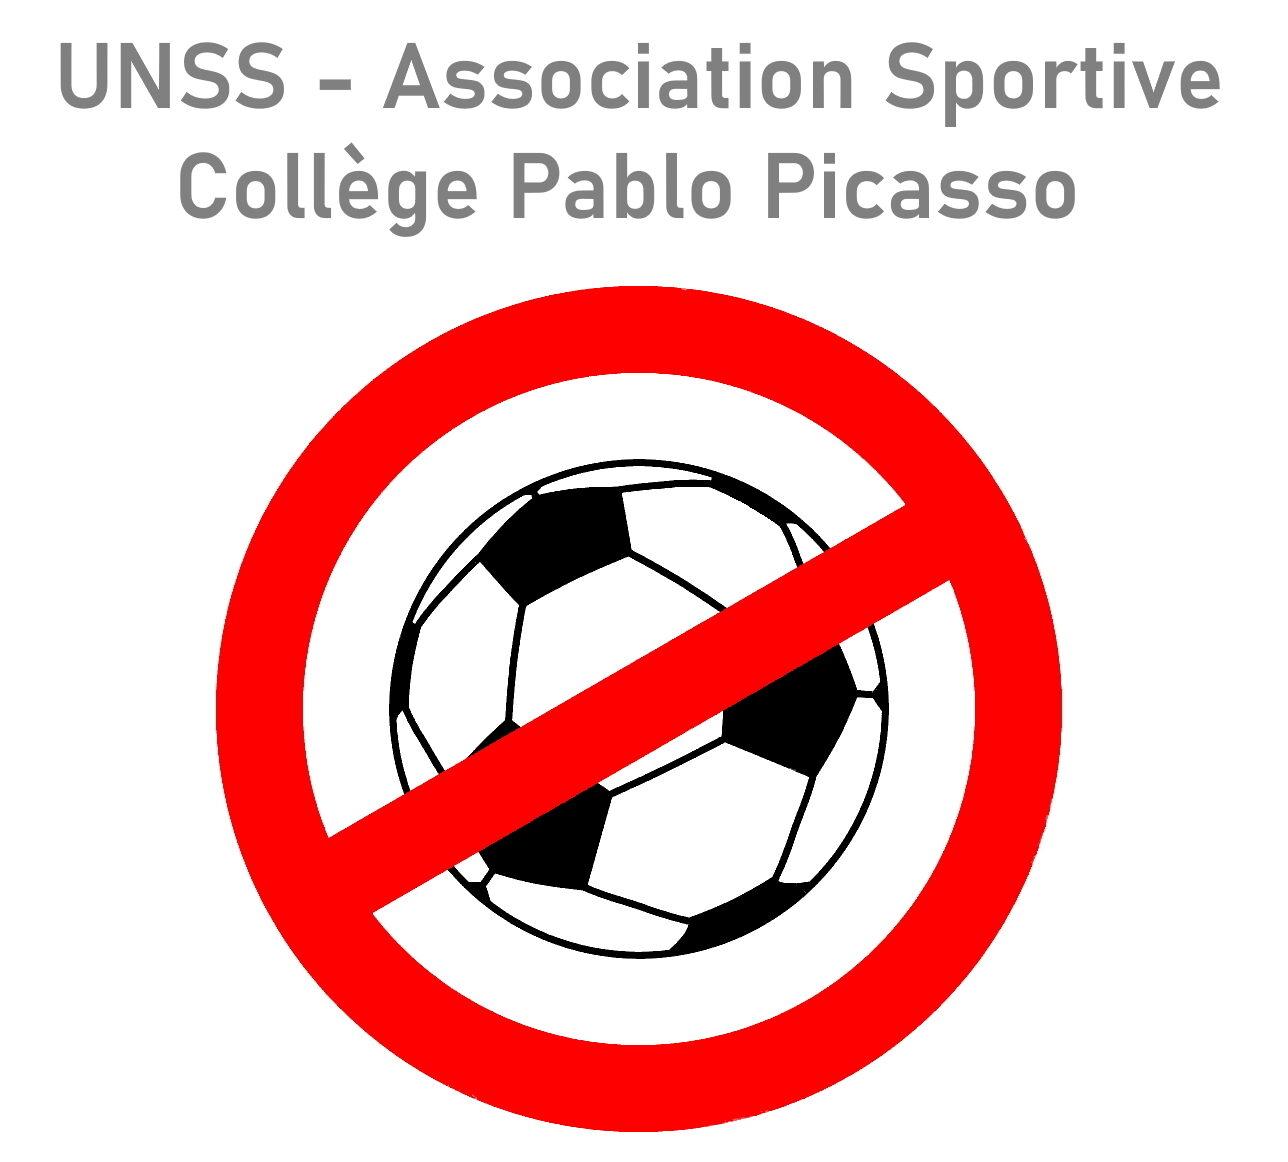 arrêtez-le-football-jeu-d-équipe-interdit-signe-rouge-d-interdiction-croix-78333911.jpg